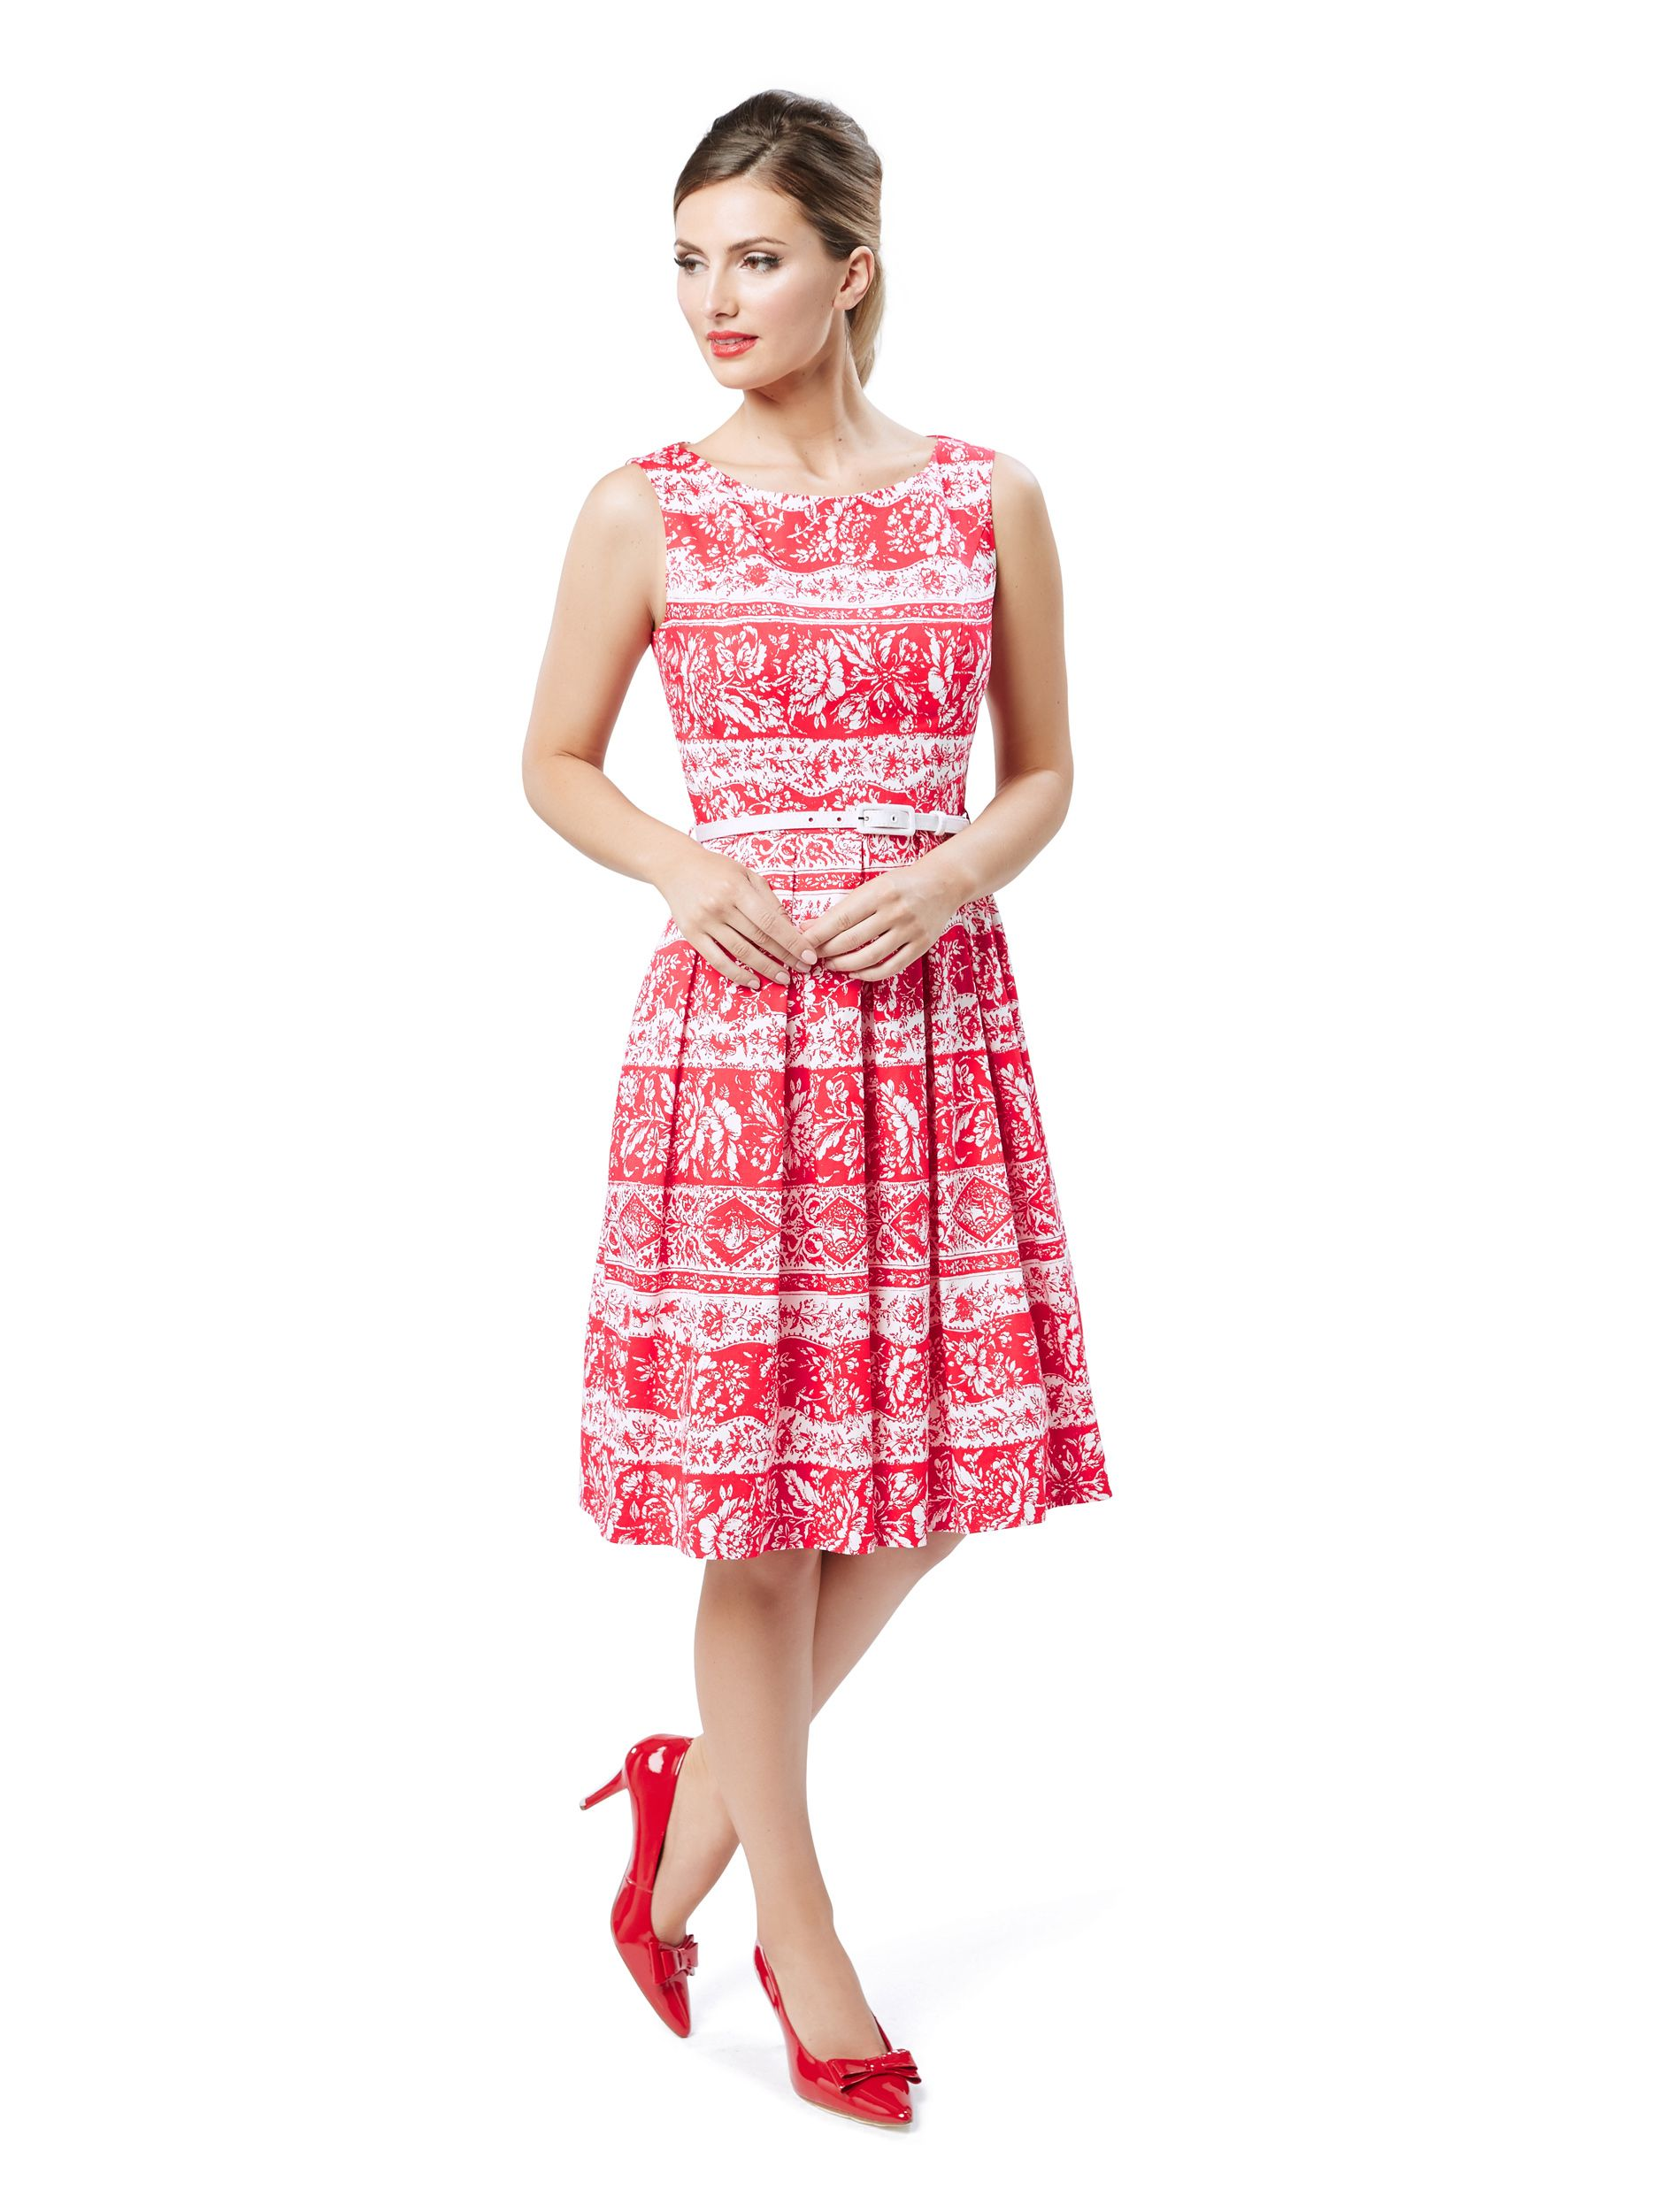 Increíble Sadie Robertson Original En Vivo Por El Vestido Del Baile ...